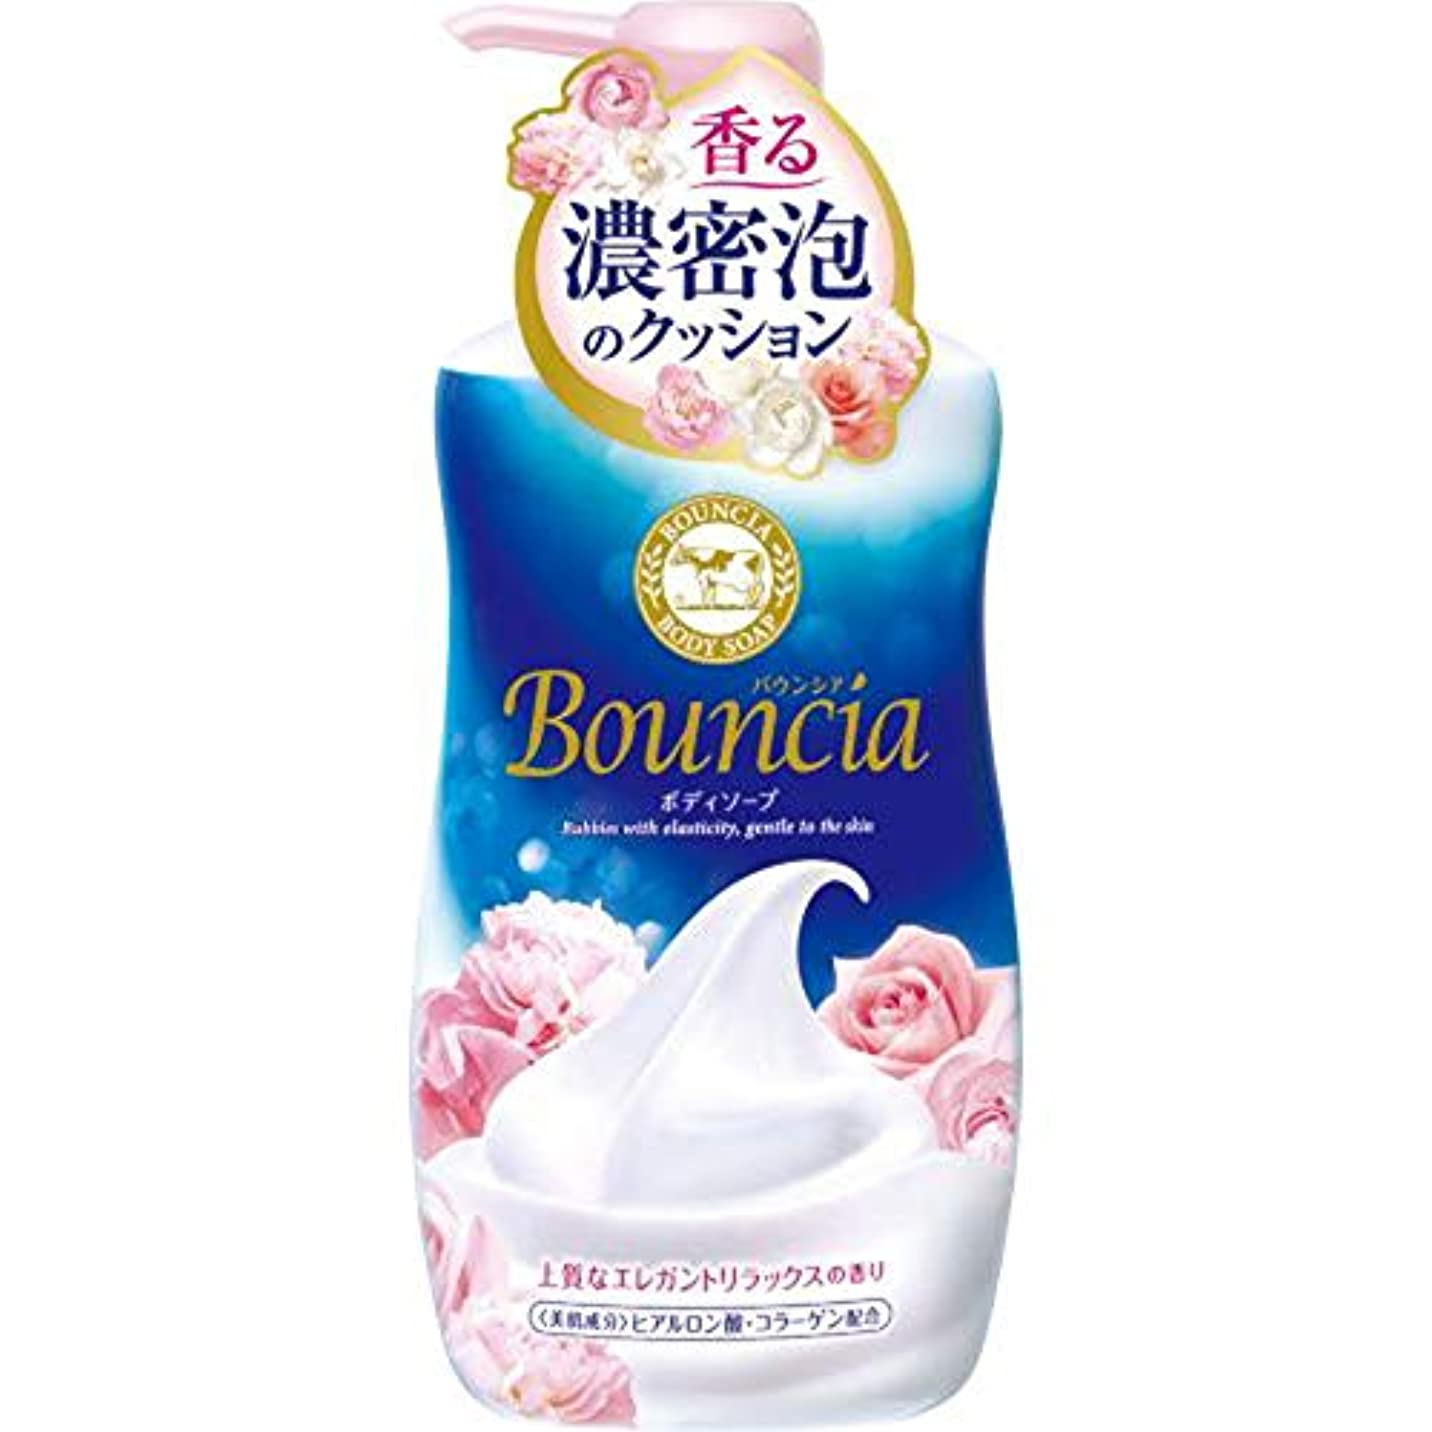 無礼に寄生虫干ばつバウンシア ボディソープ エレガントリラックスの香り ポンプ 550mL